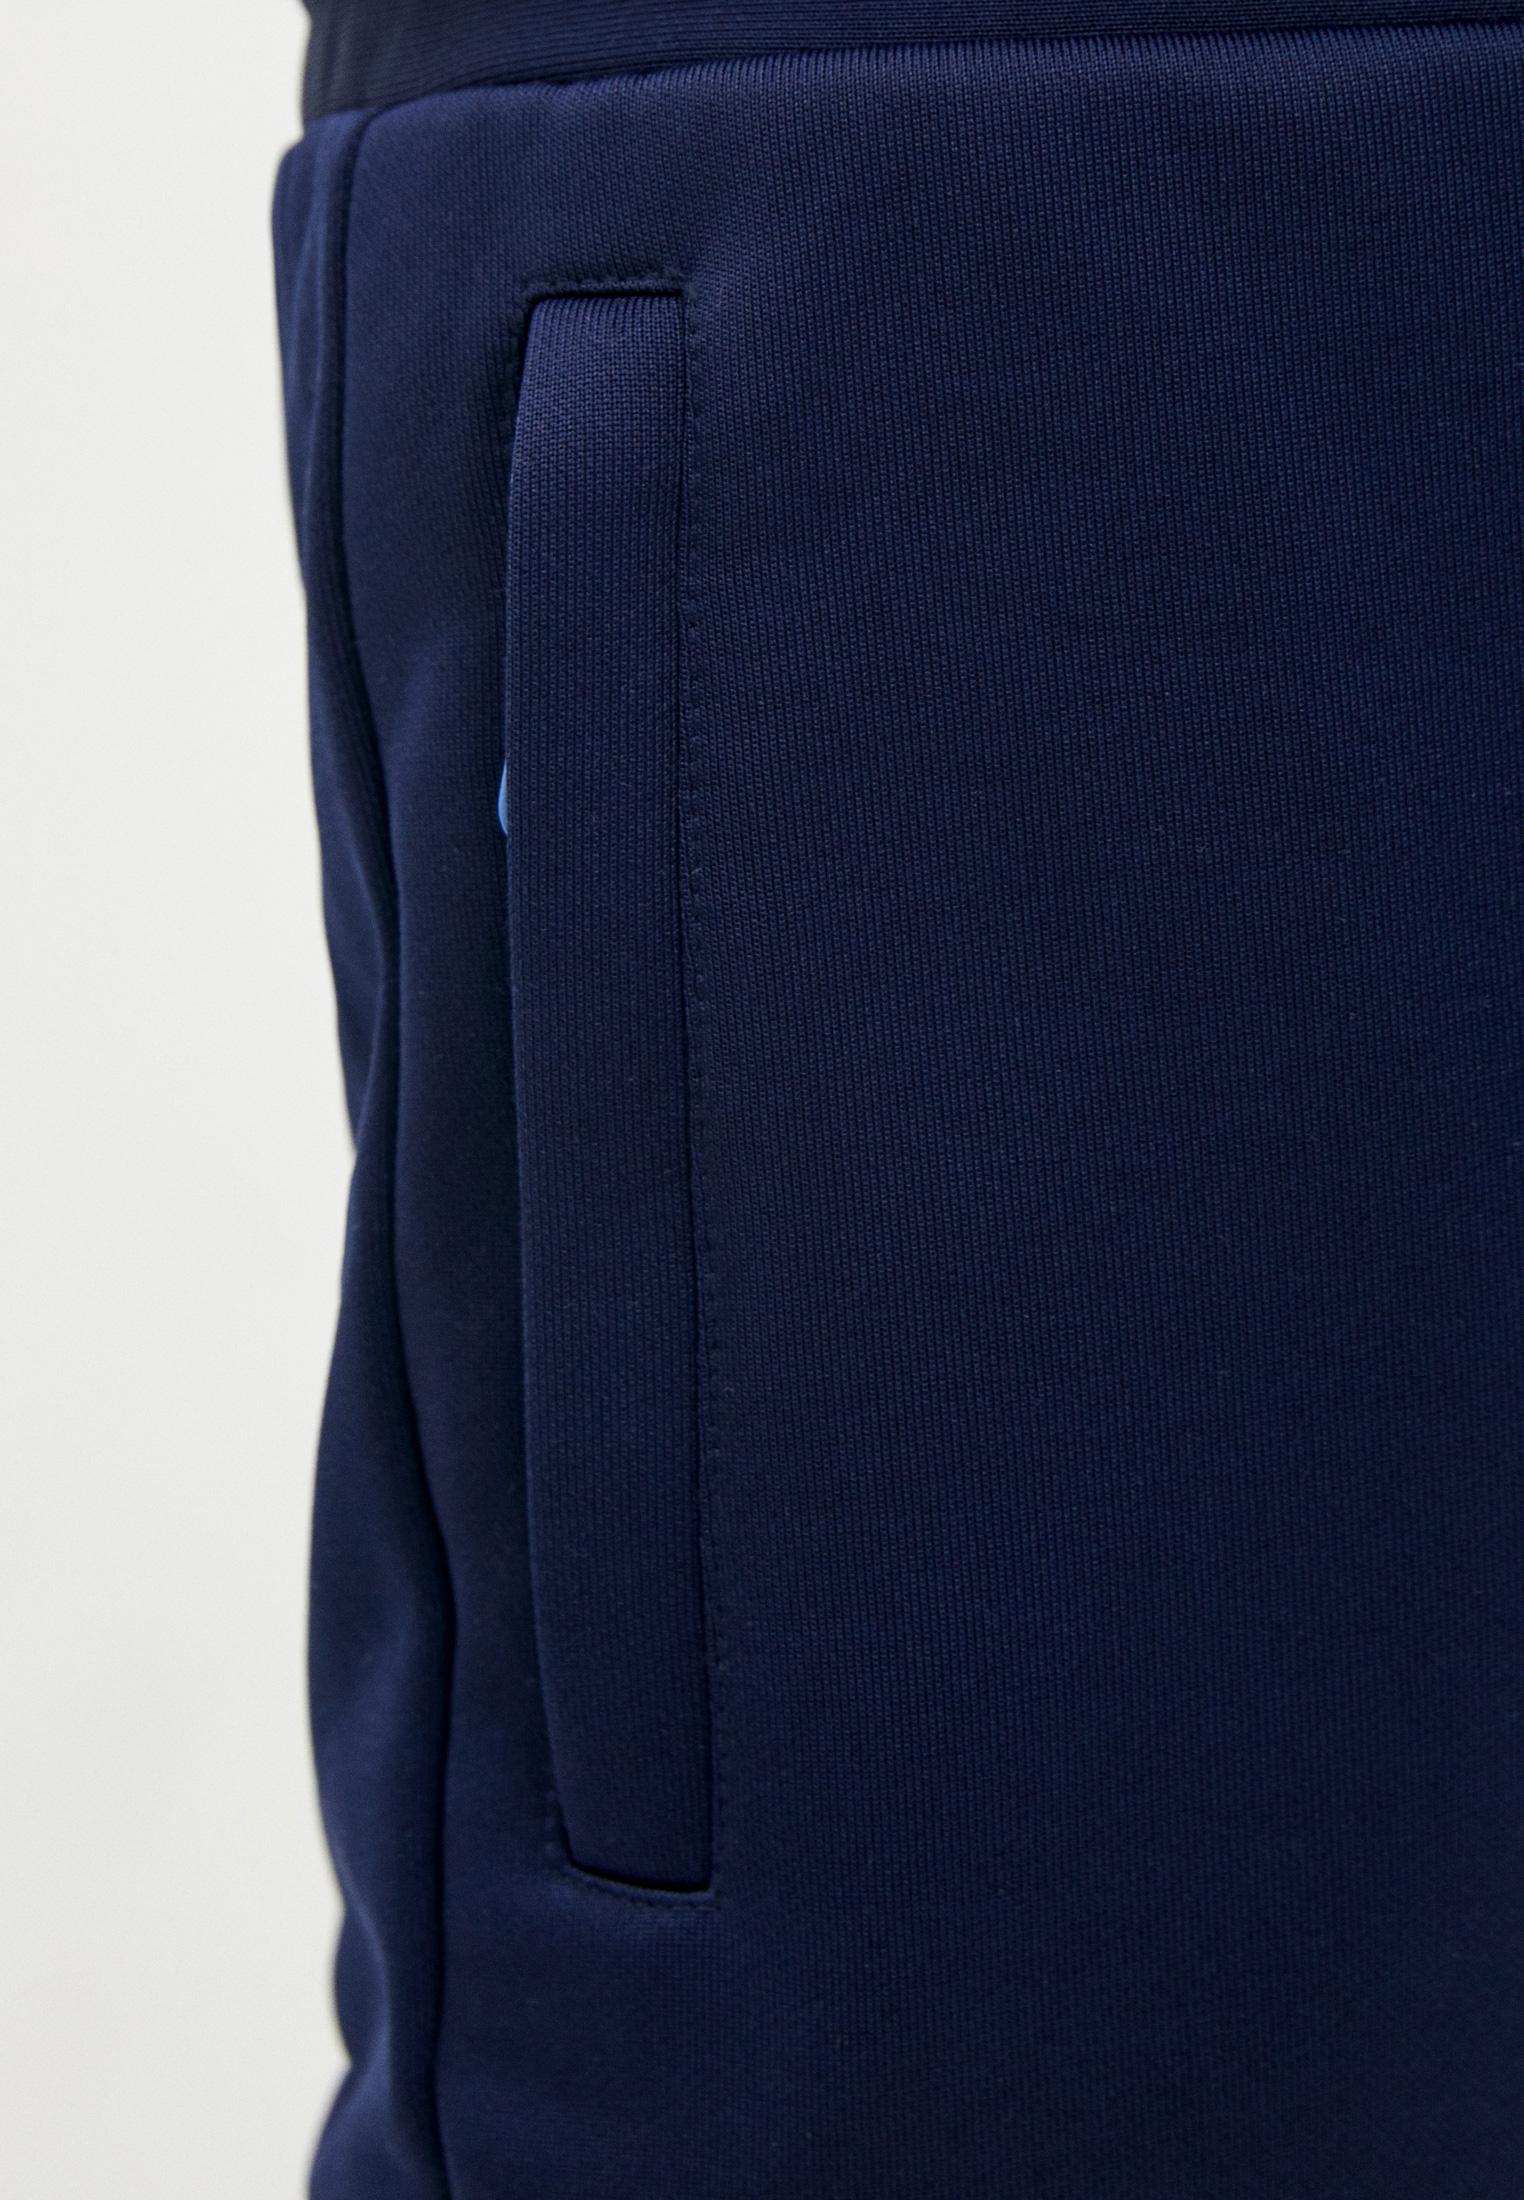 Мужские повседневные брюки Bikkembergs (Биккембергс) C 1 025 01 M 3816: изображение 5